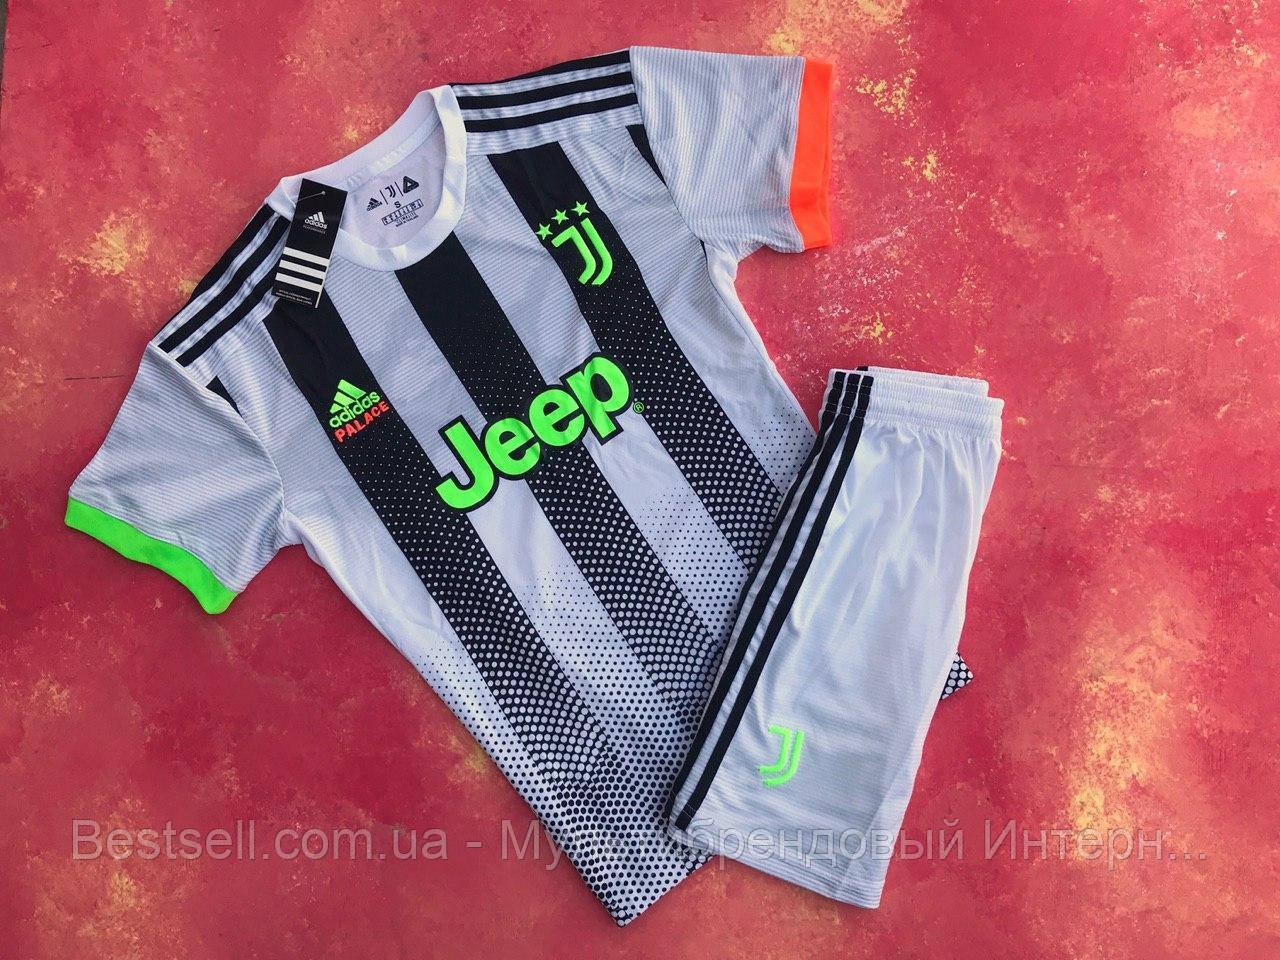 Футбольна форма ФК Ювентус (Juventus)